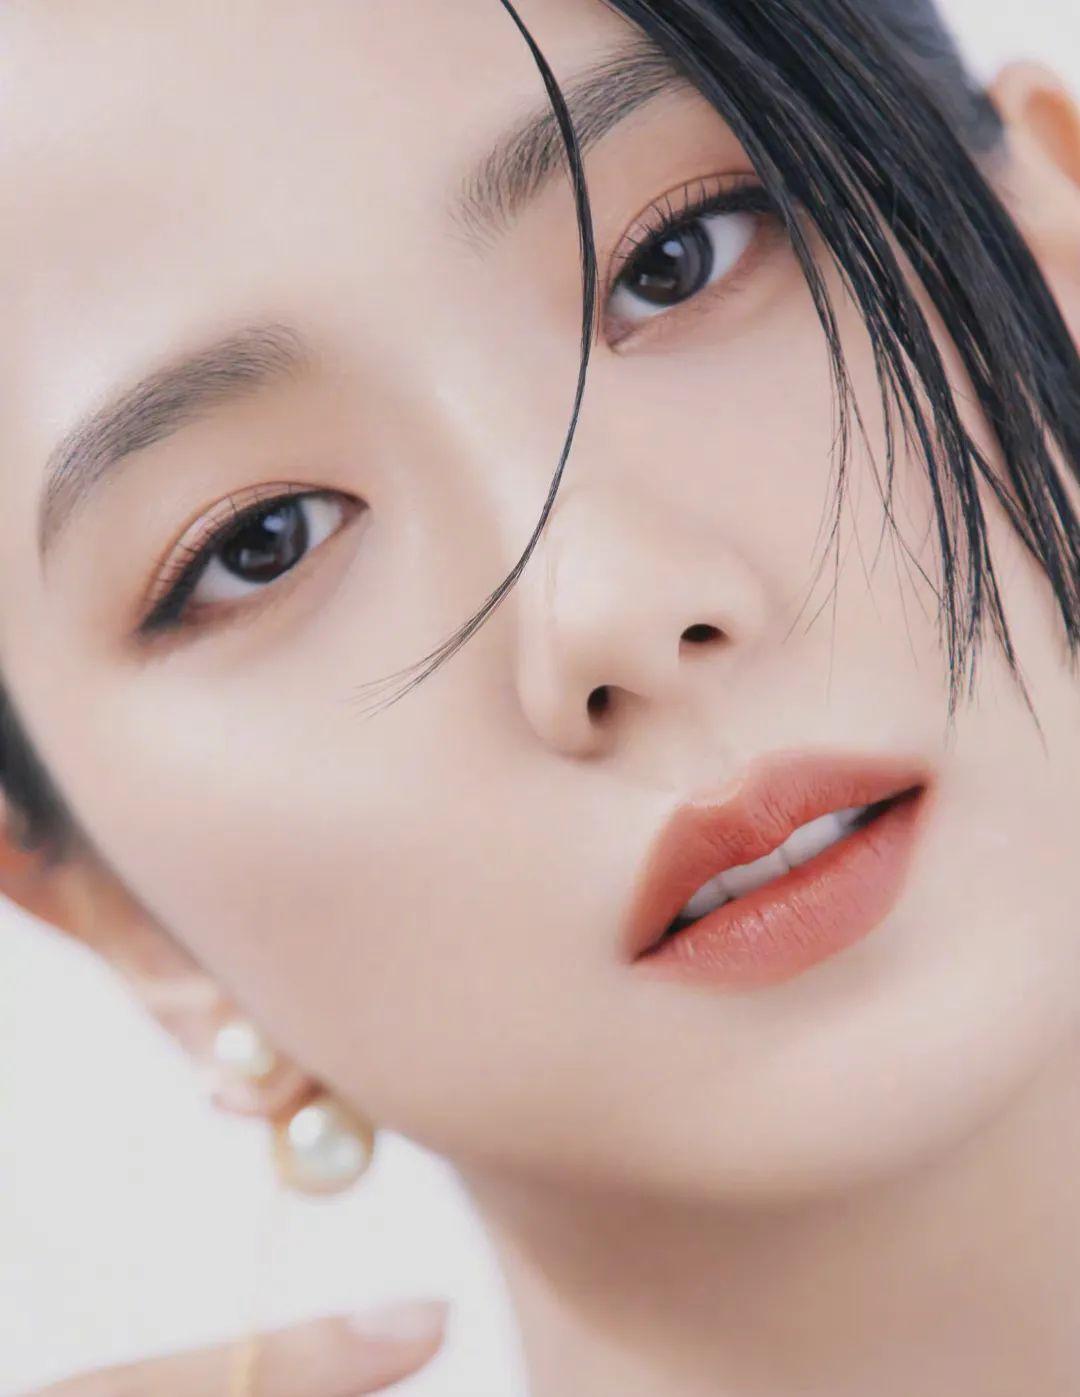 妹子写真 -年轻版林青霞和韩国美女金智秀,你更喜欢哪位呢?_图片 No.10